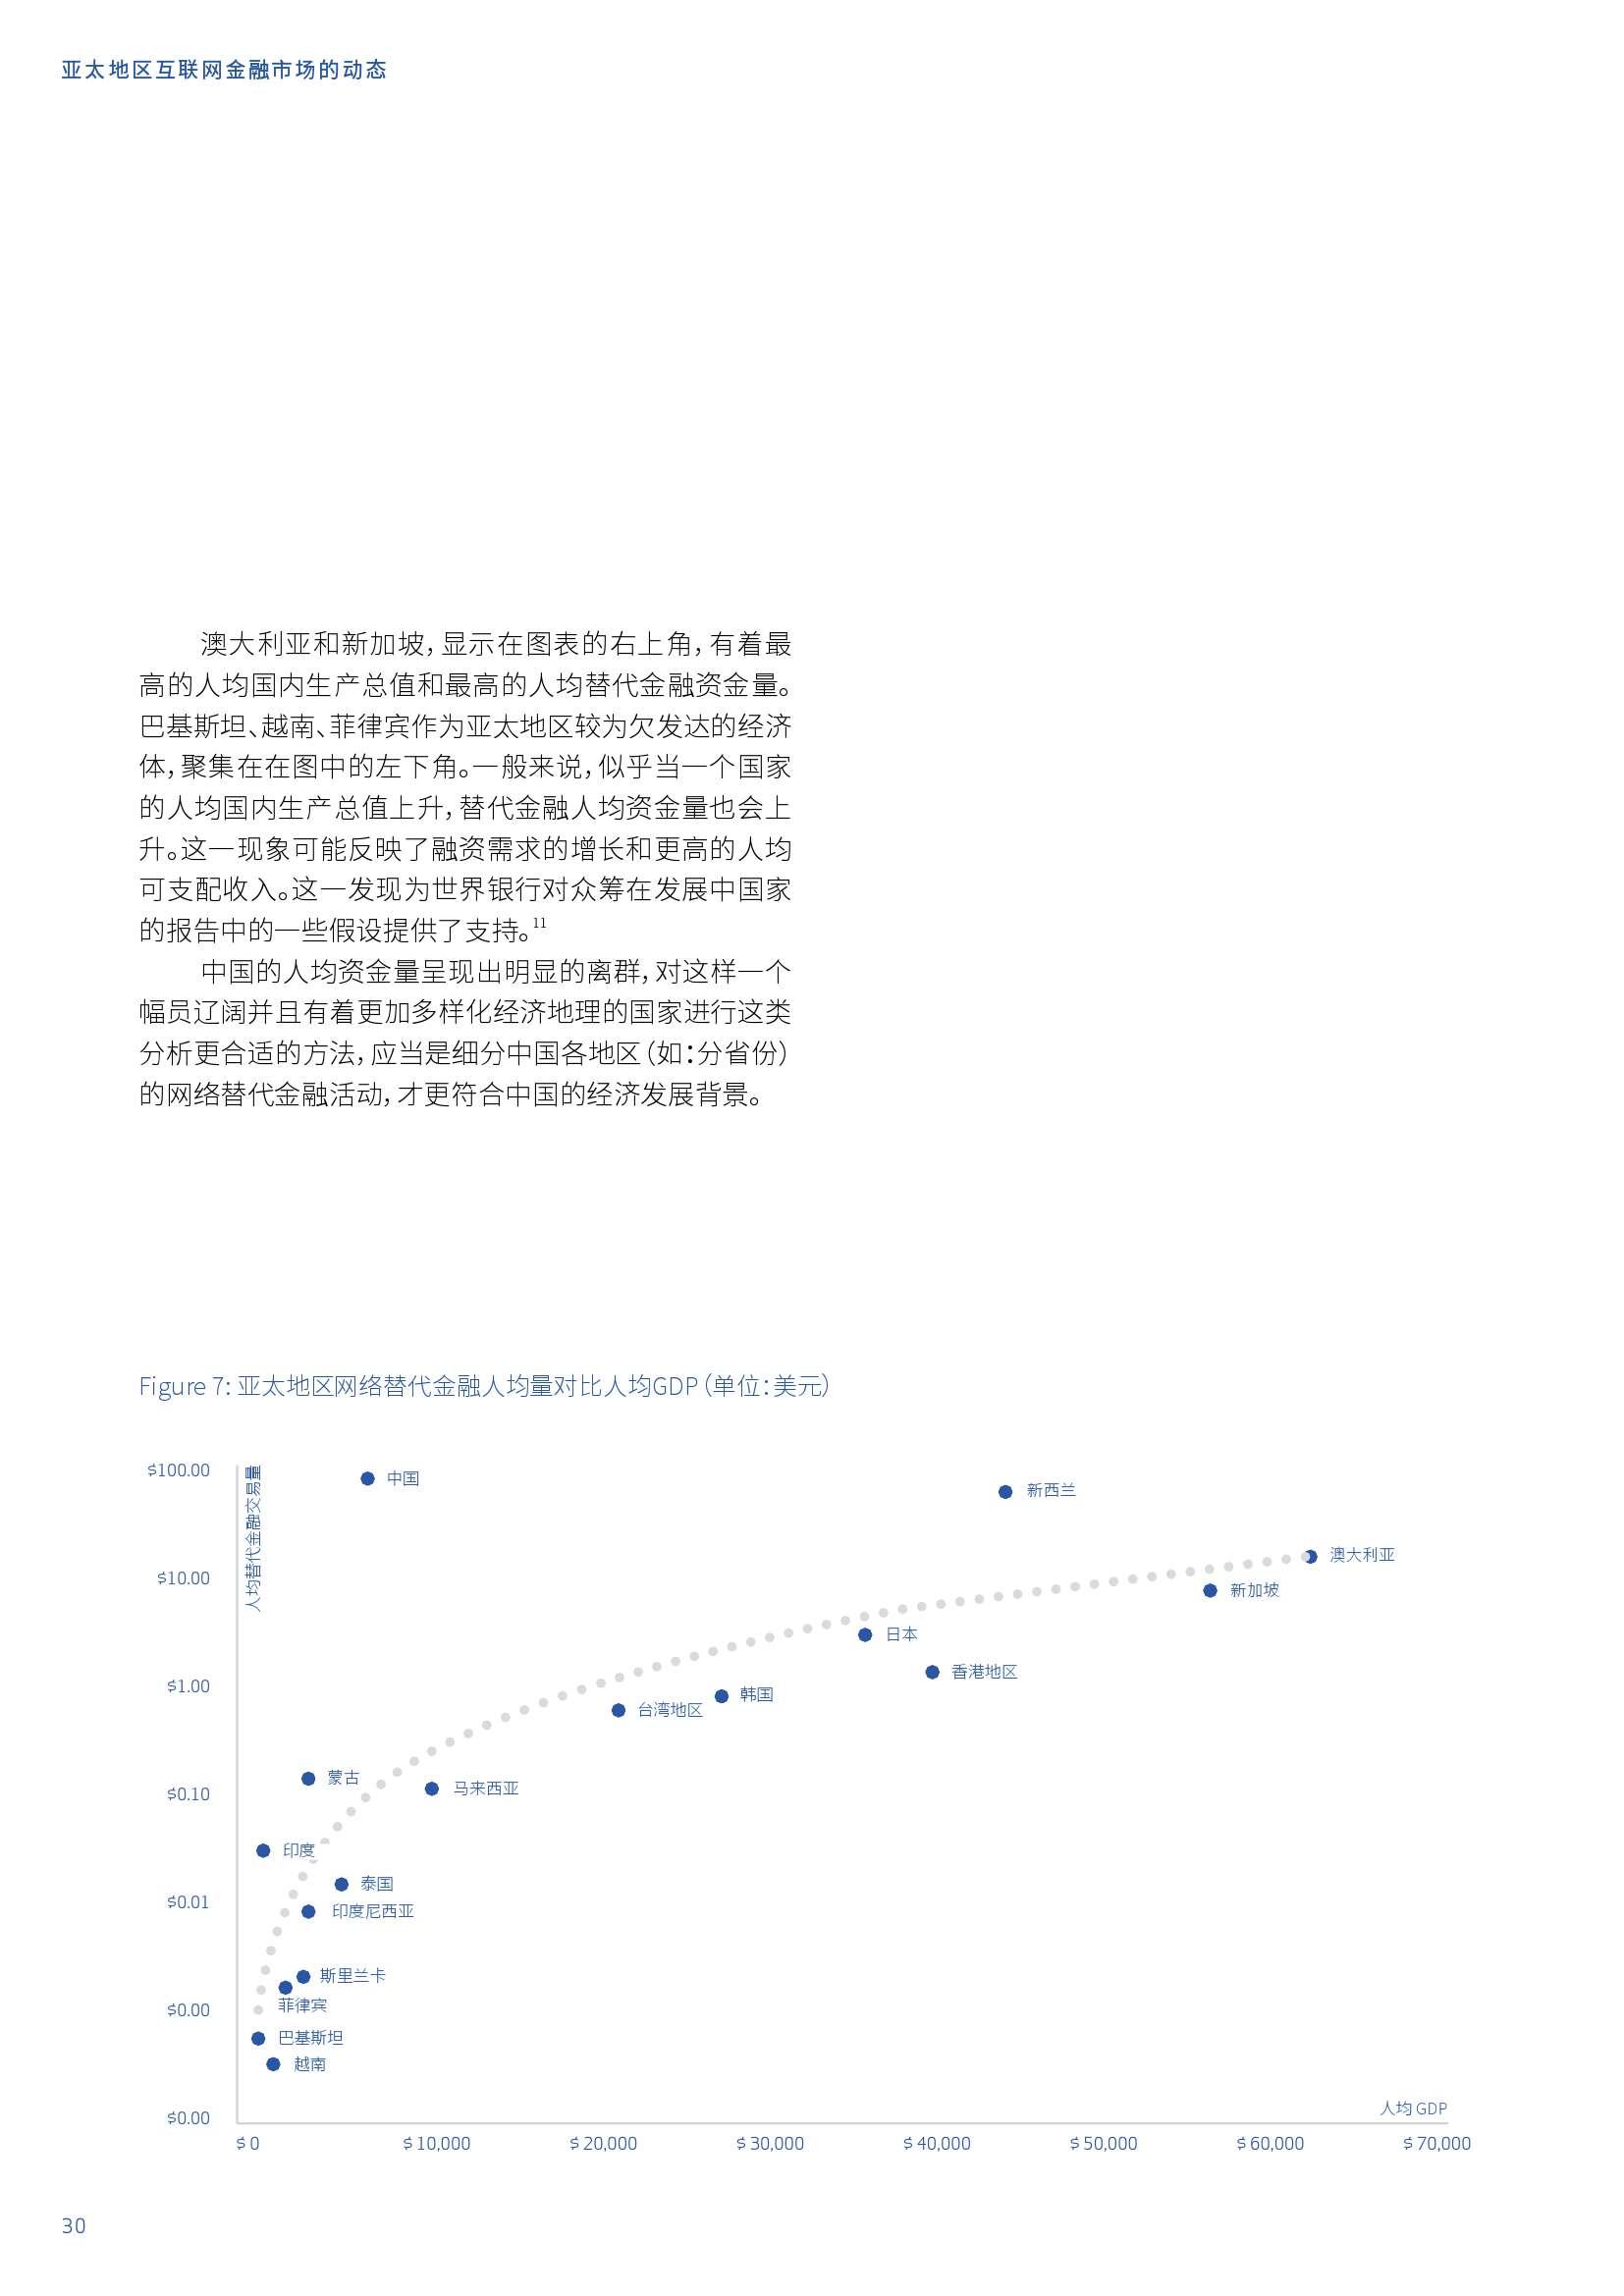 亚太地区网络替代金融基准报告_000030